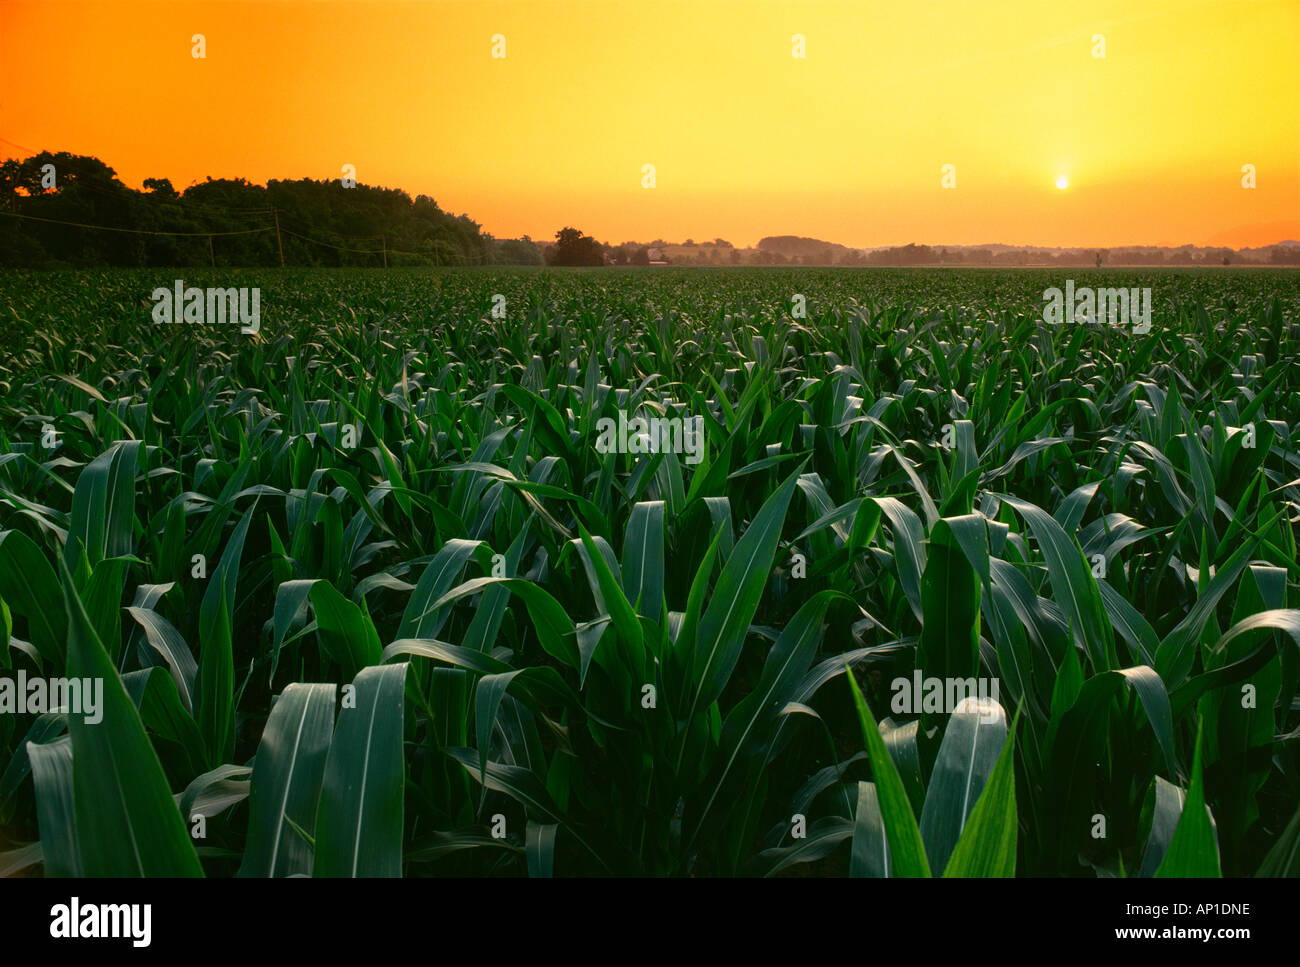 Agricultura - mediados de crecimiento pre borla campo de maíz de grano al atardecer con un cortijo en la distancia Imagen De Stock